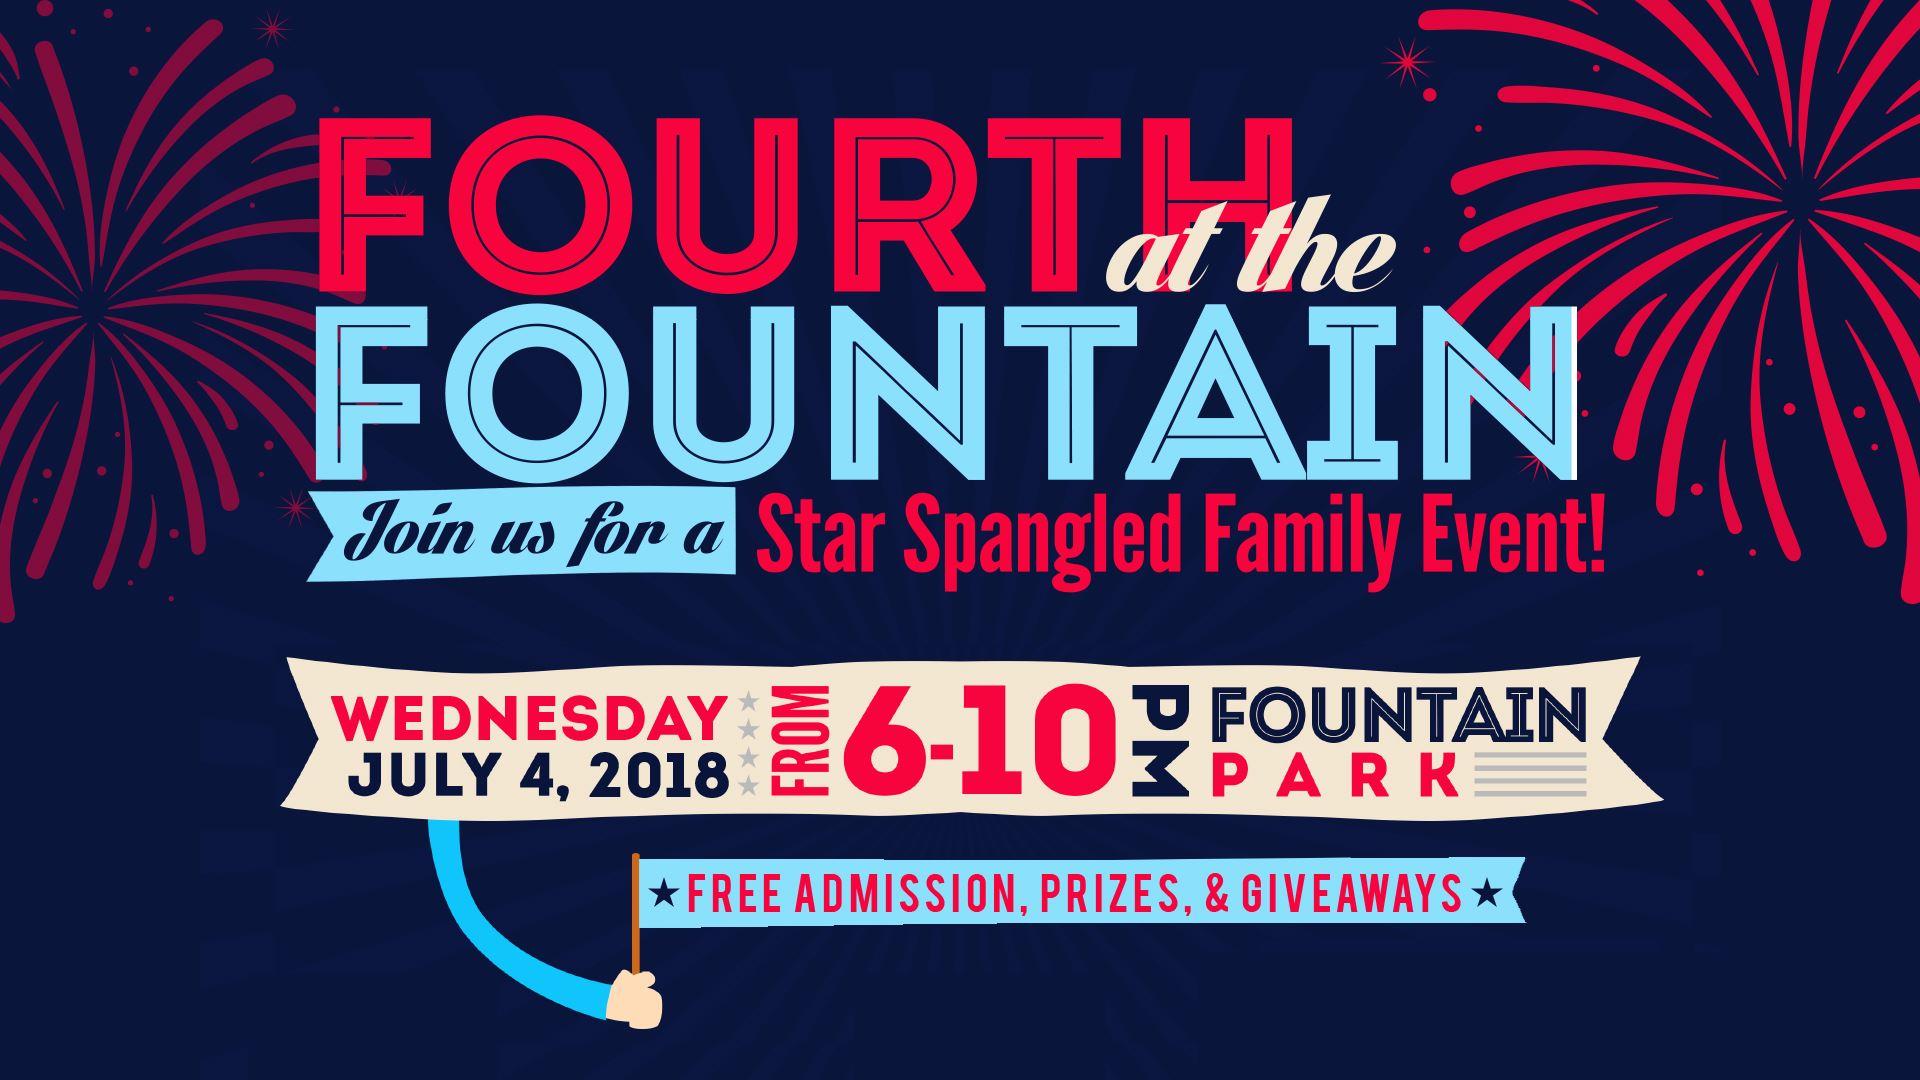 Fourth At The Fountain - Fountain hills car show